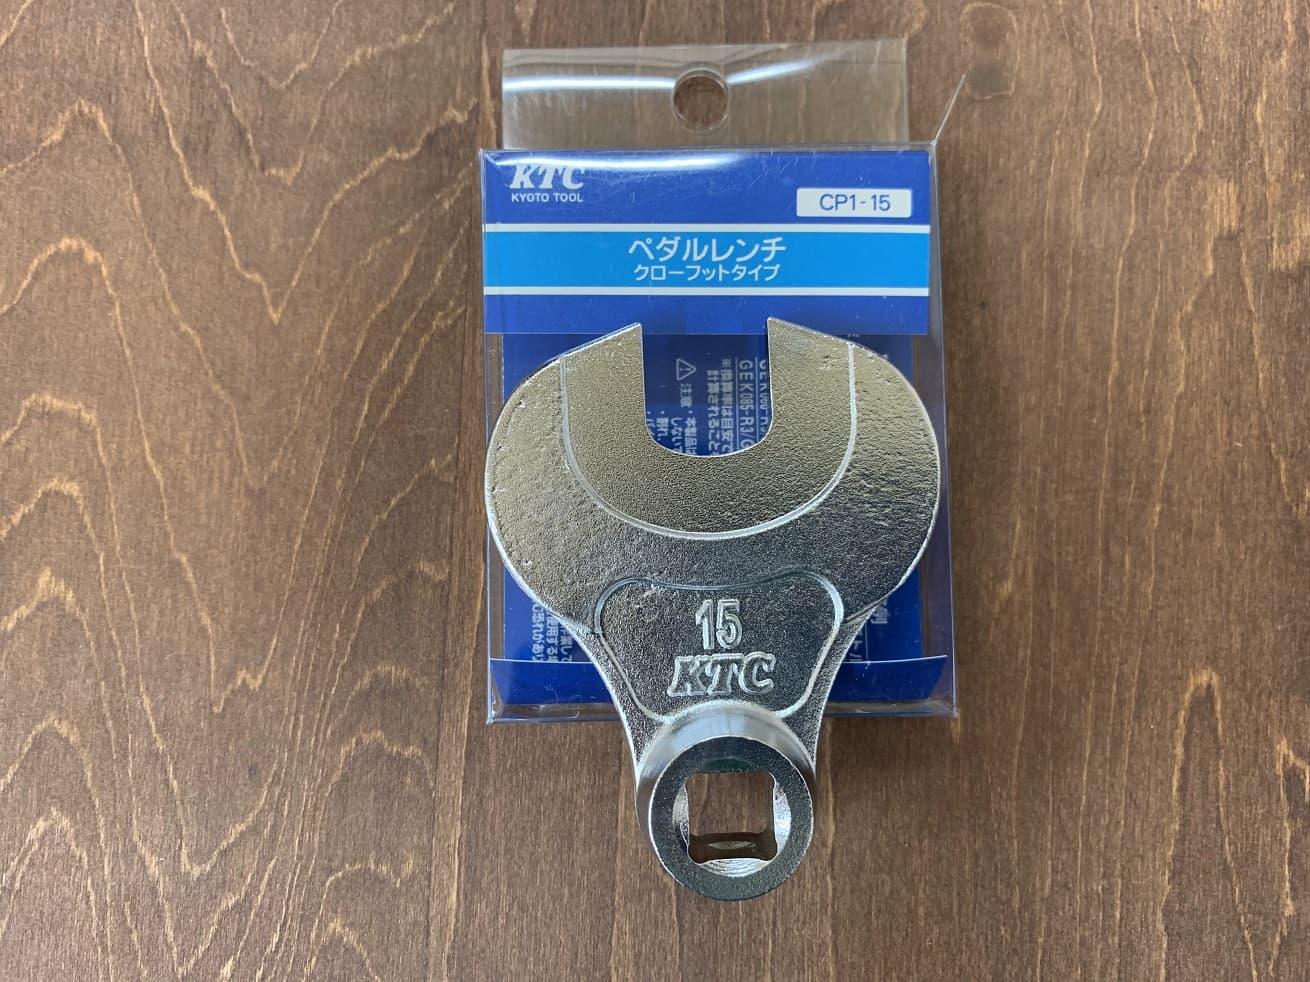 KTCデジラチェ用ペダルレンチ CP1-15